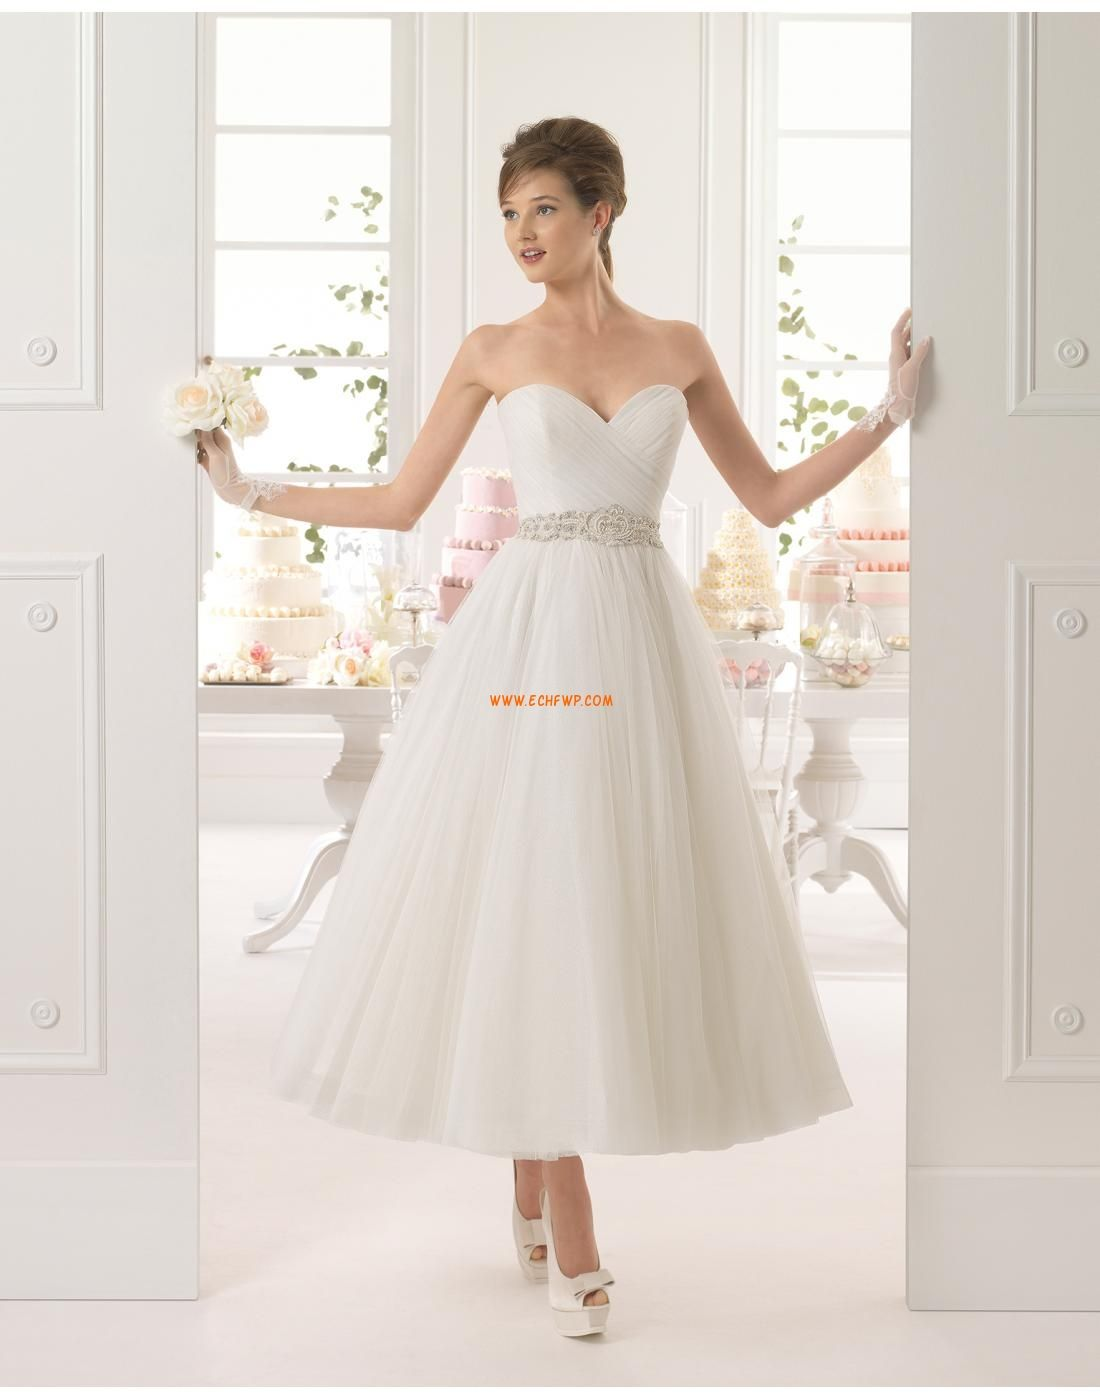 A-Linie Glanz & Glamour Natürlich Brautkleider 2015 | hochzeit ...